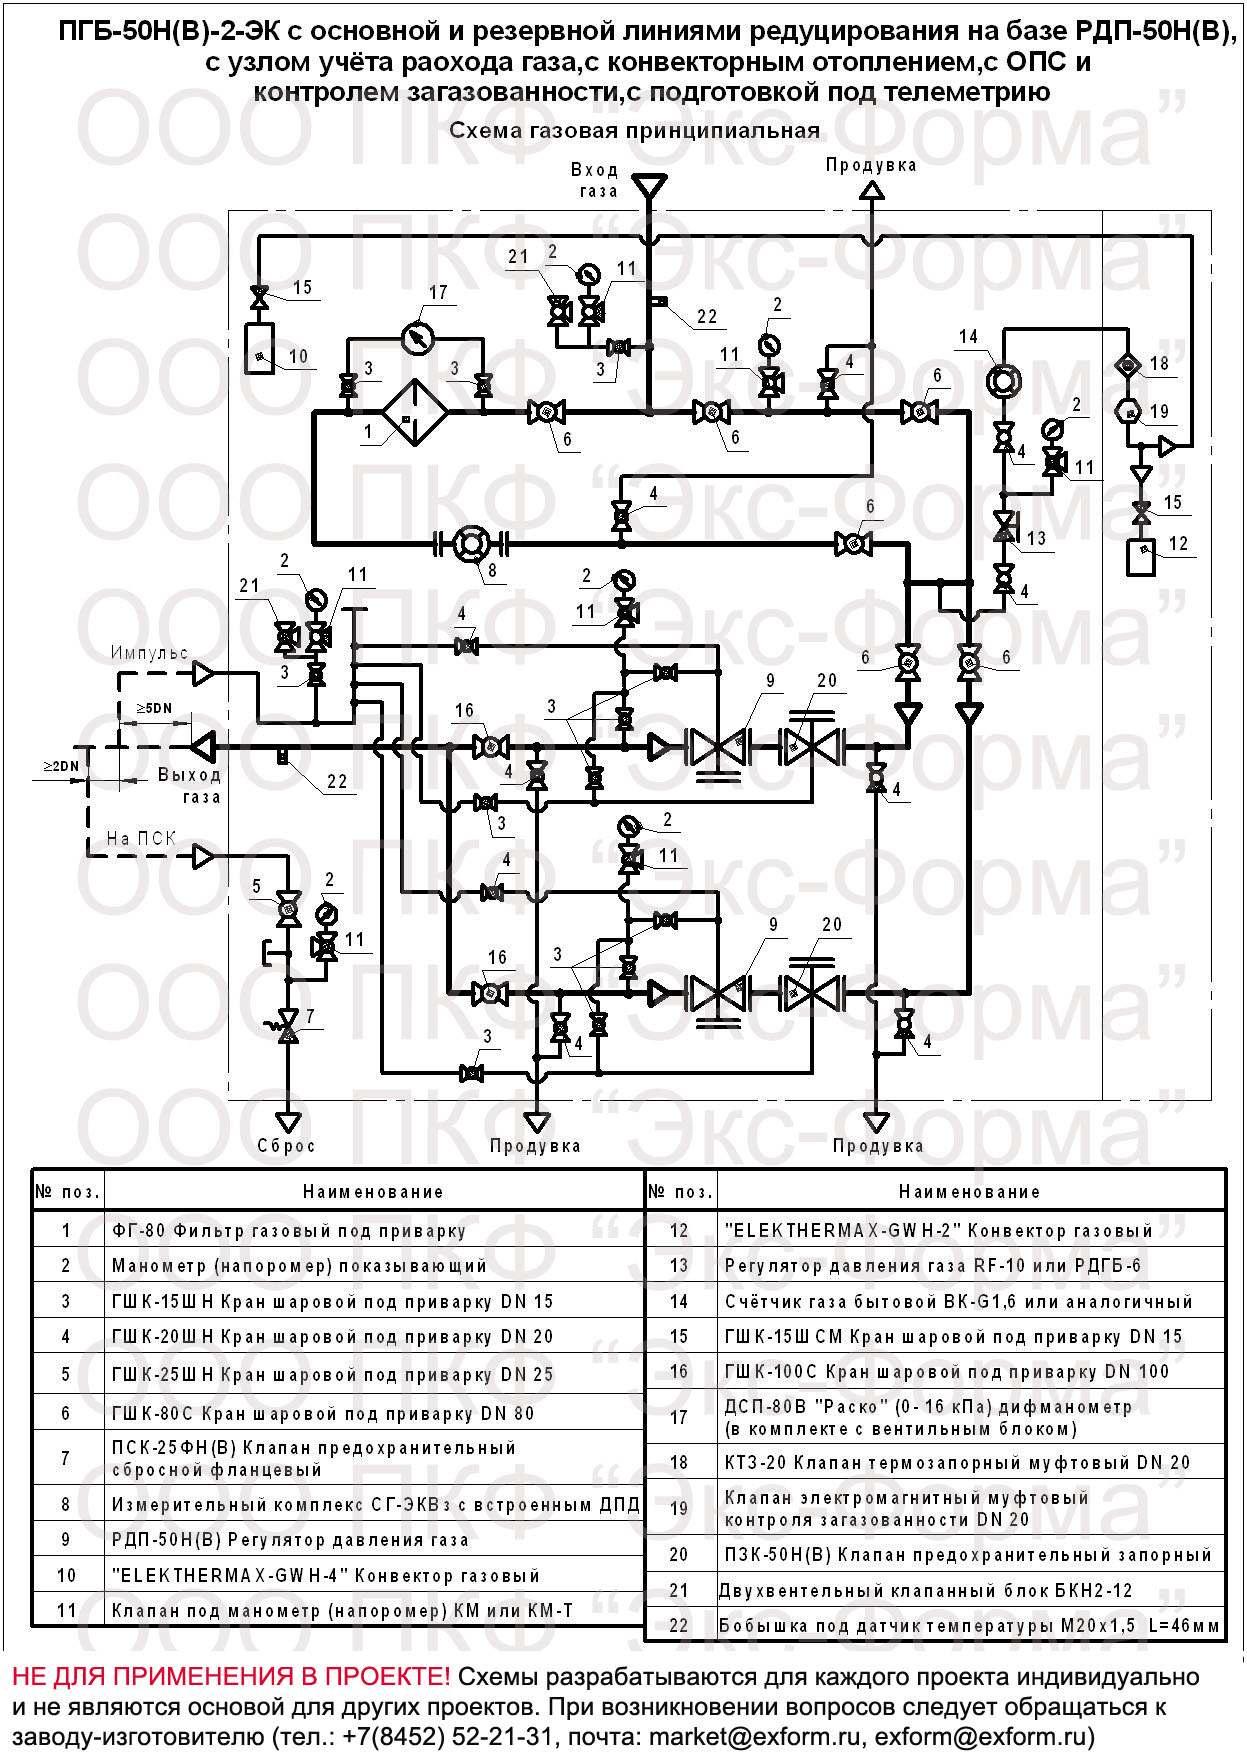 схема газовая ПГБ-50-СГ, ПГБ-50-СГ-ЭК, ПГБ-50/2-СГ